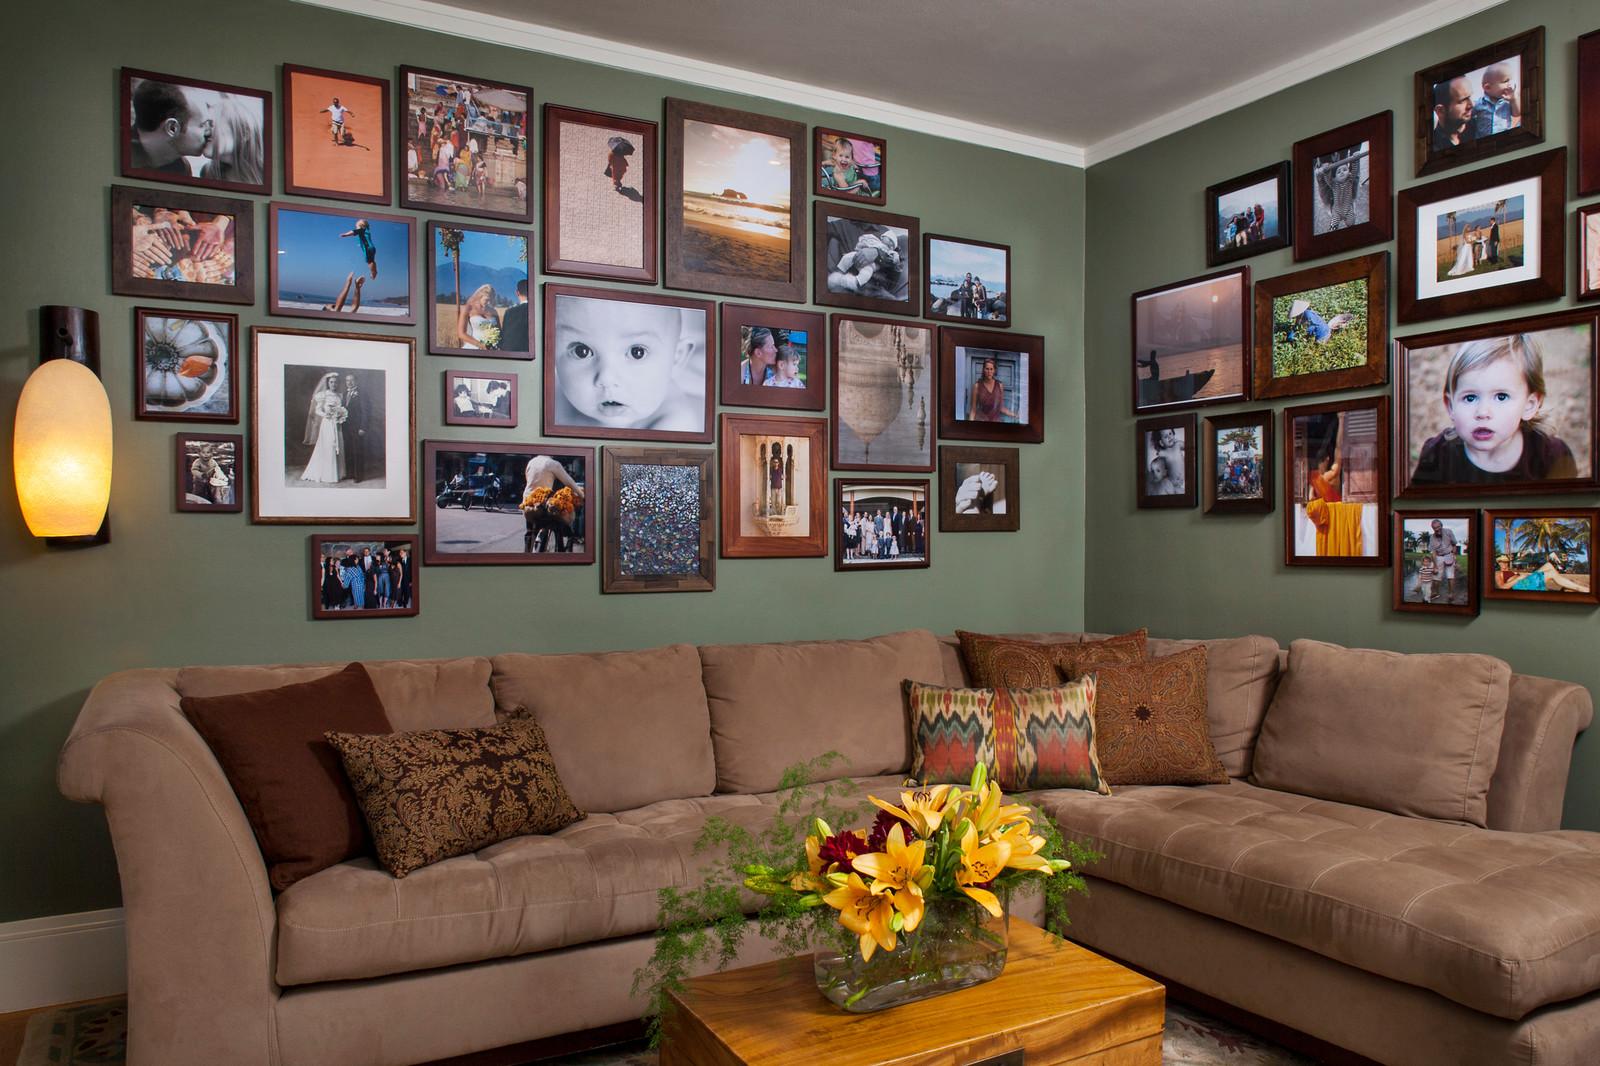 правда что нельзя вешать фото на стену такое